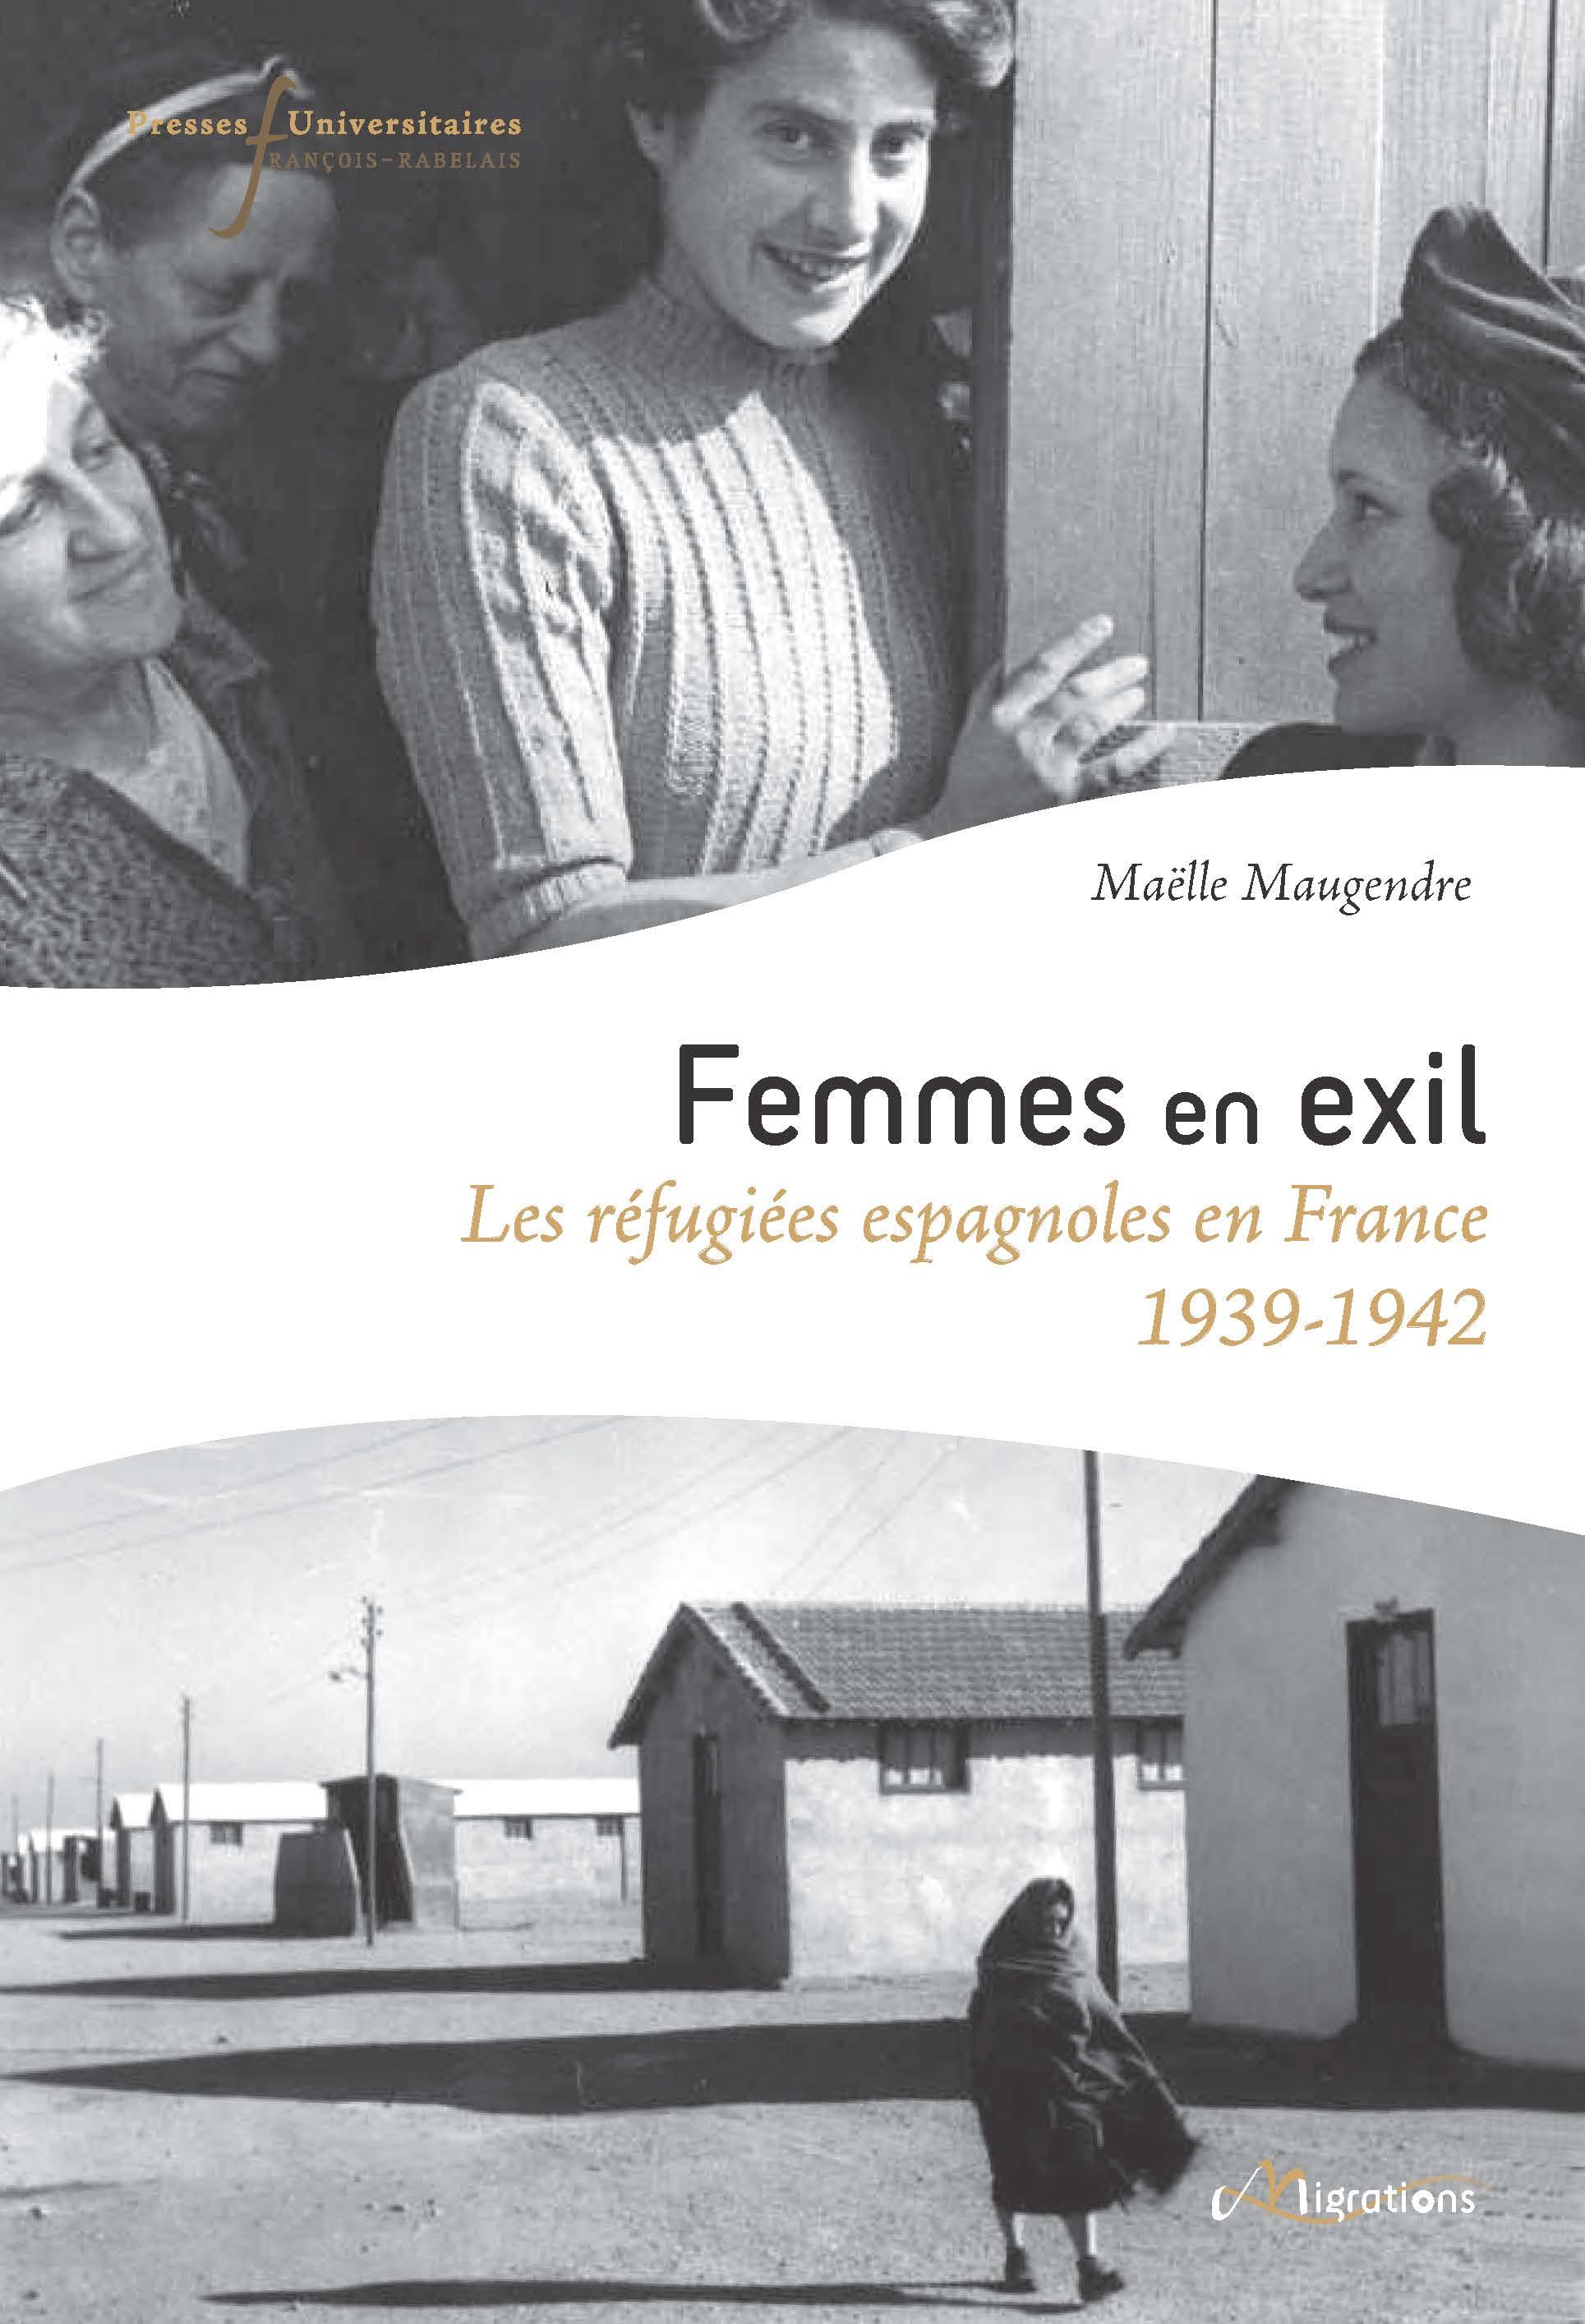 Femmes en exil